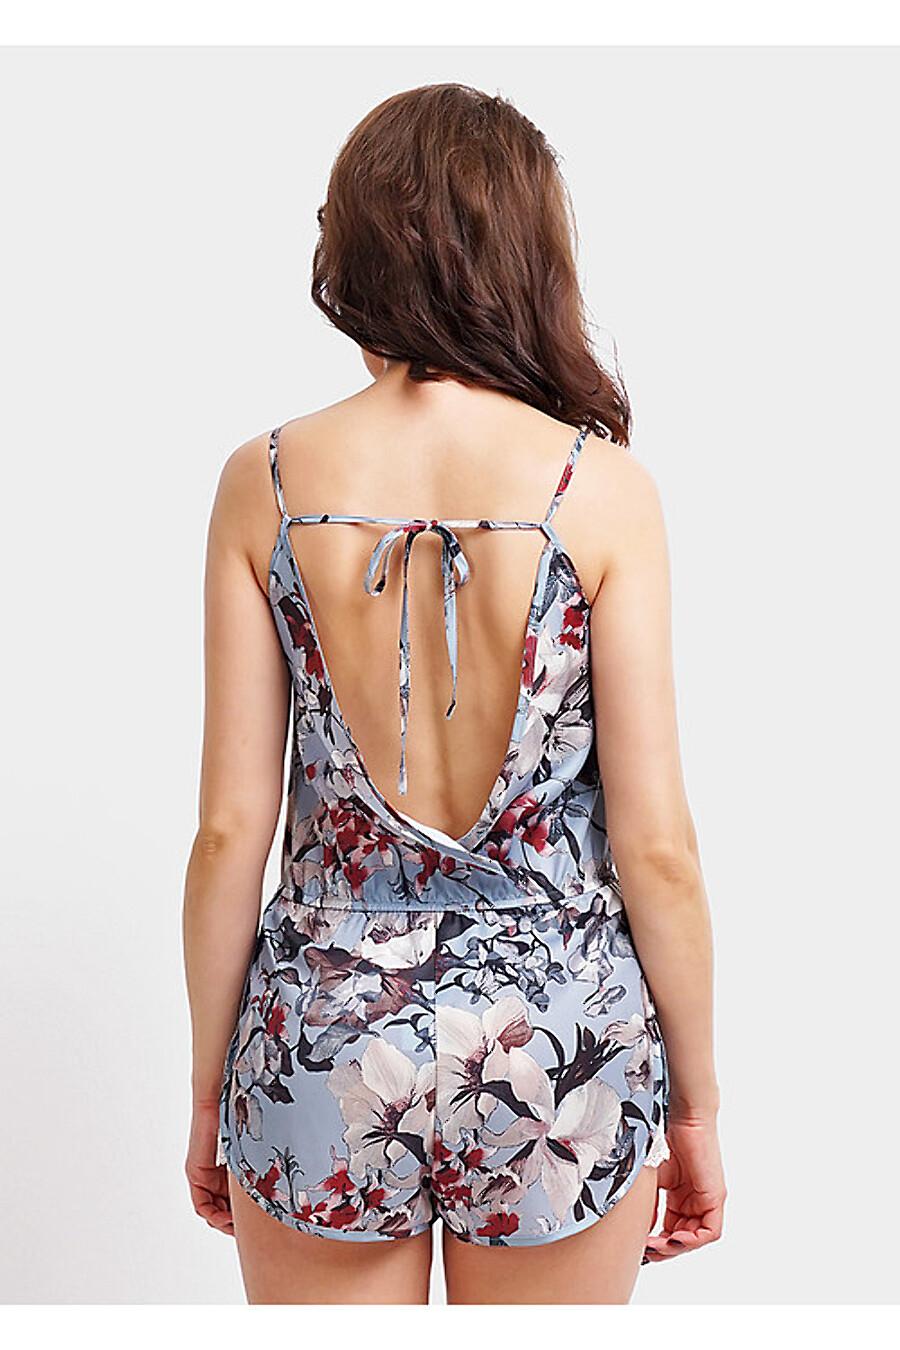 Полукомбинезон для женщин CLEVER 158760 купить оптом от производителя. Совместная покупка женской одежды в OptMoyo